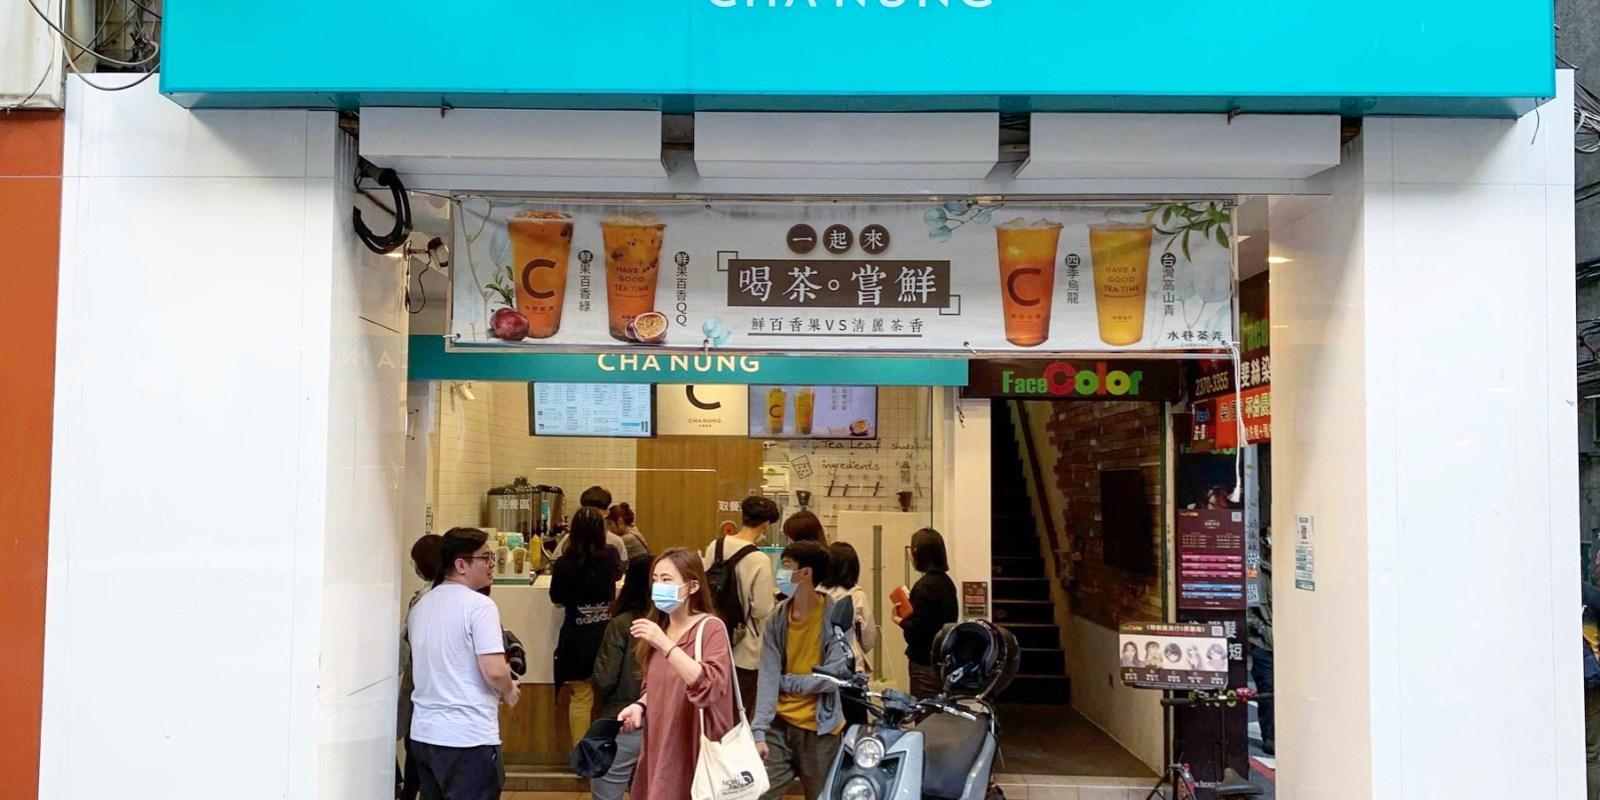 水巷茶弄的2021年菜單、優惠、最新品項和分店介紹(5月更新)